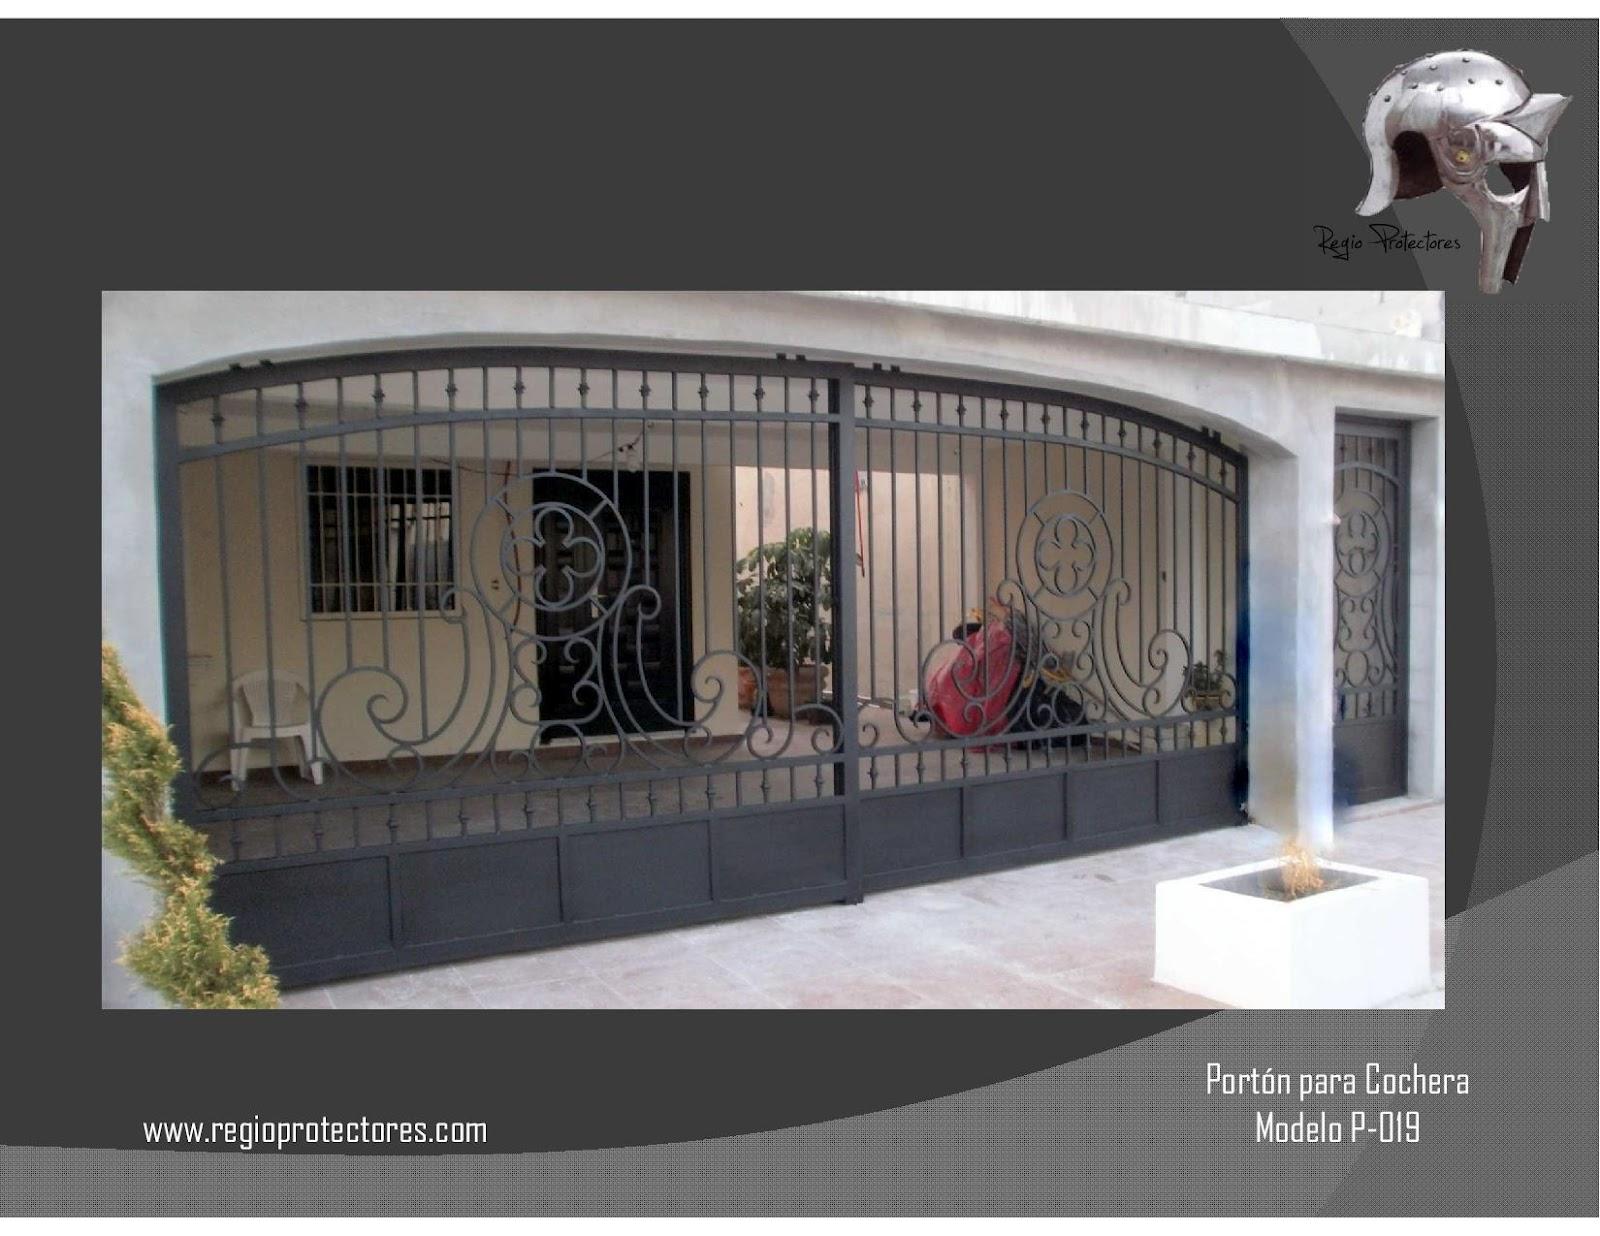 Regio protectores cat logo de portones residenciales for Modelos de portones metalicos para casas